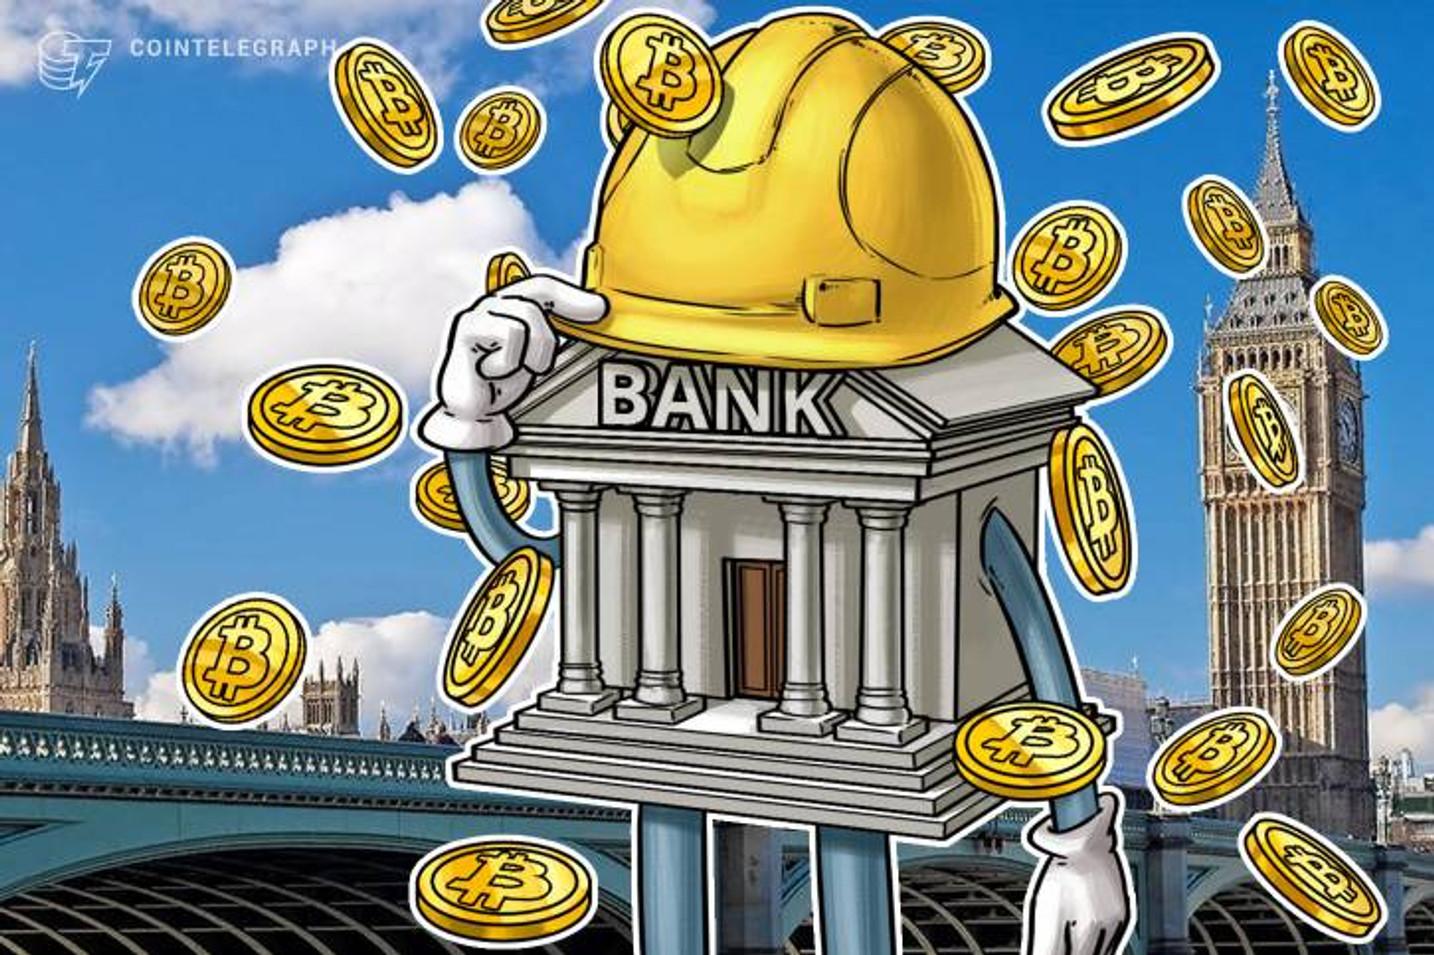 イングランド銀行総裁、中銀デジタル通貨導入の考えには反対しないと表明